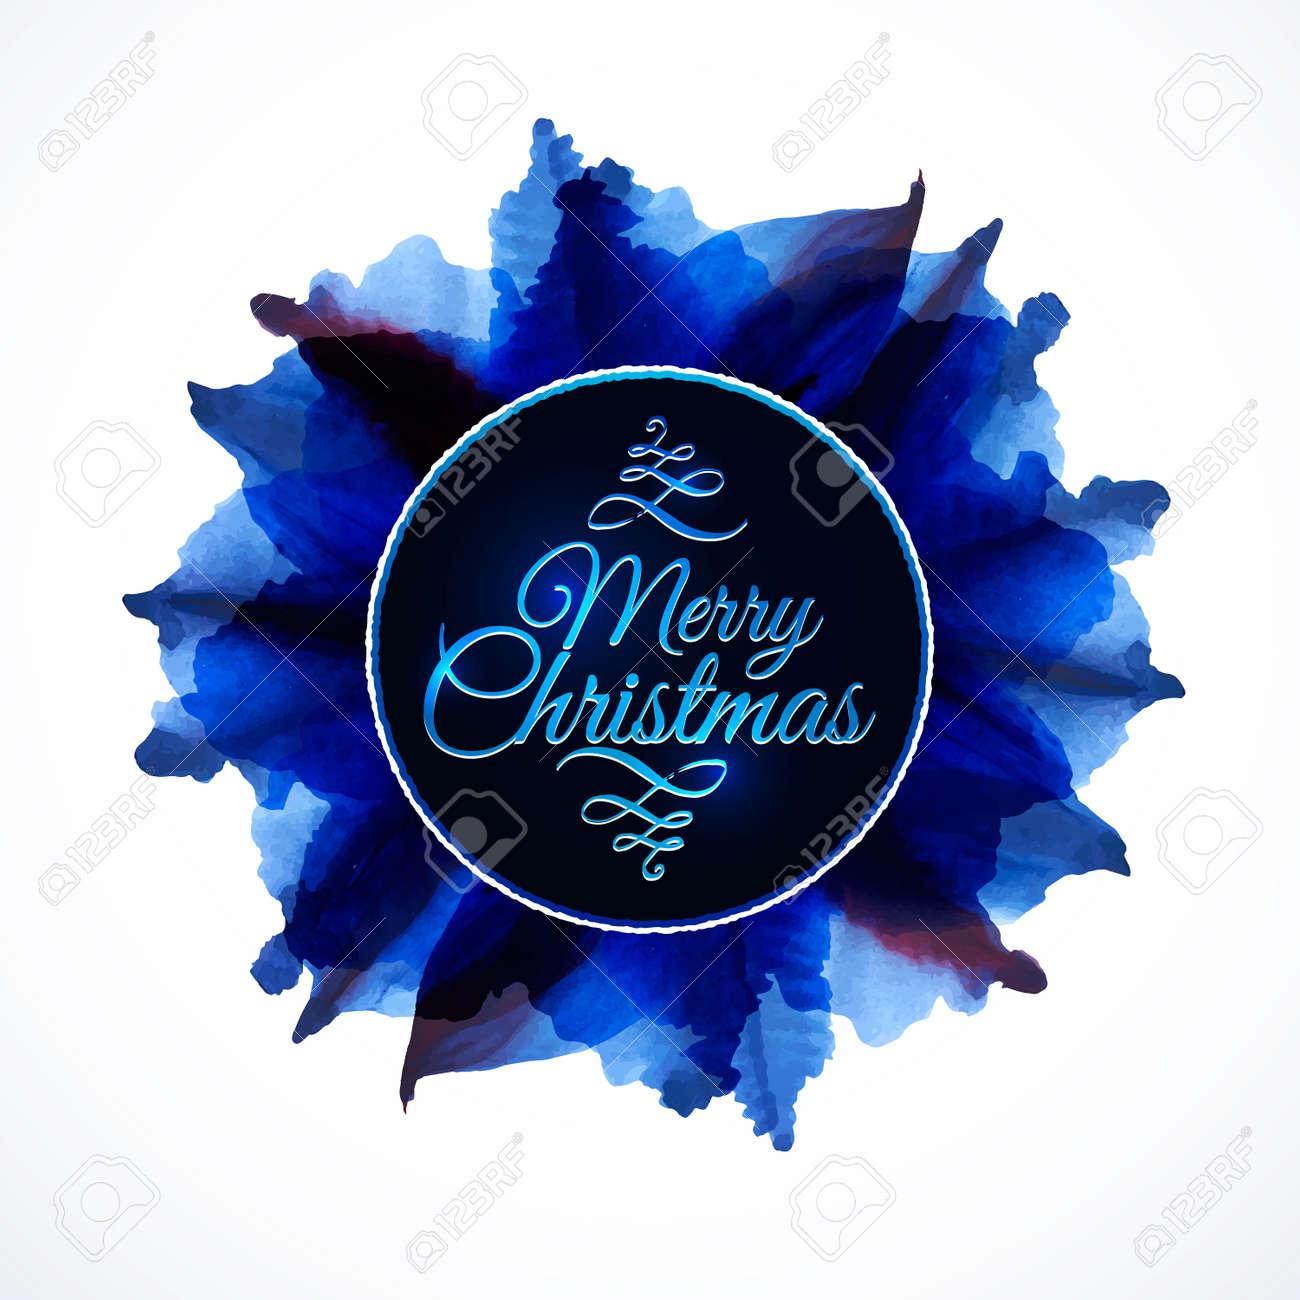 Composición Floral Fondo Con Letras Feliz Navidad Con Hojas De Color ...